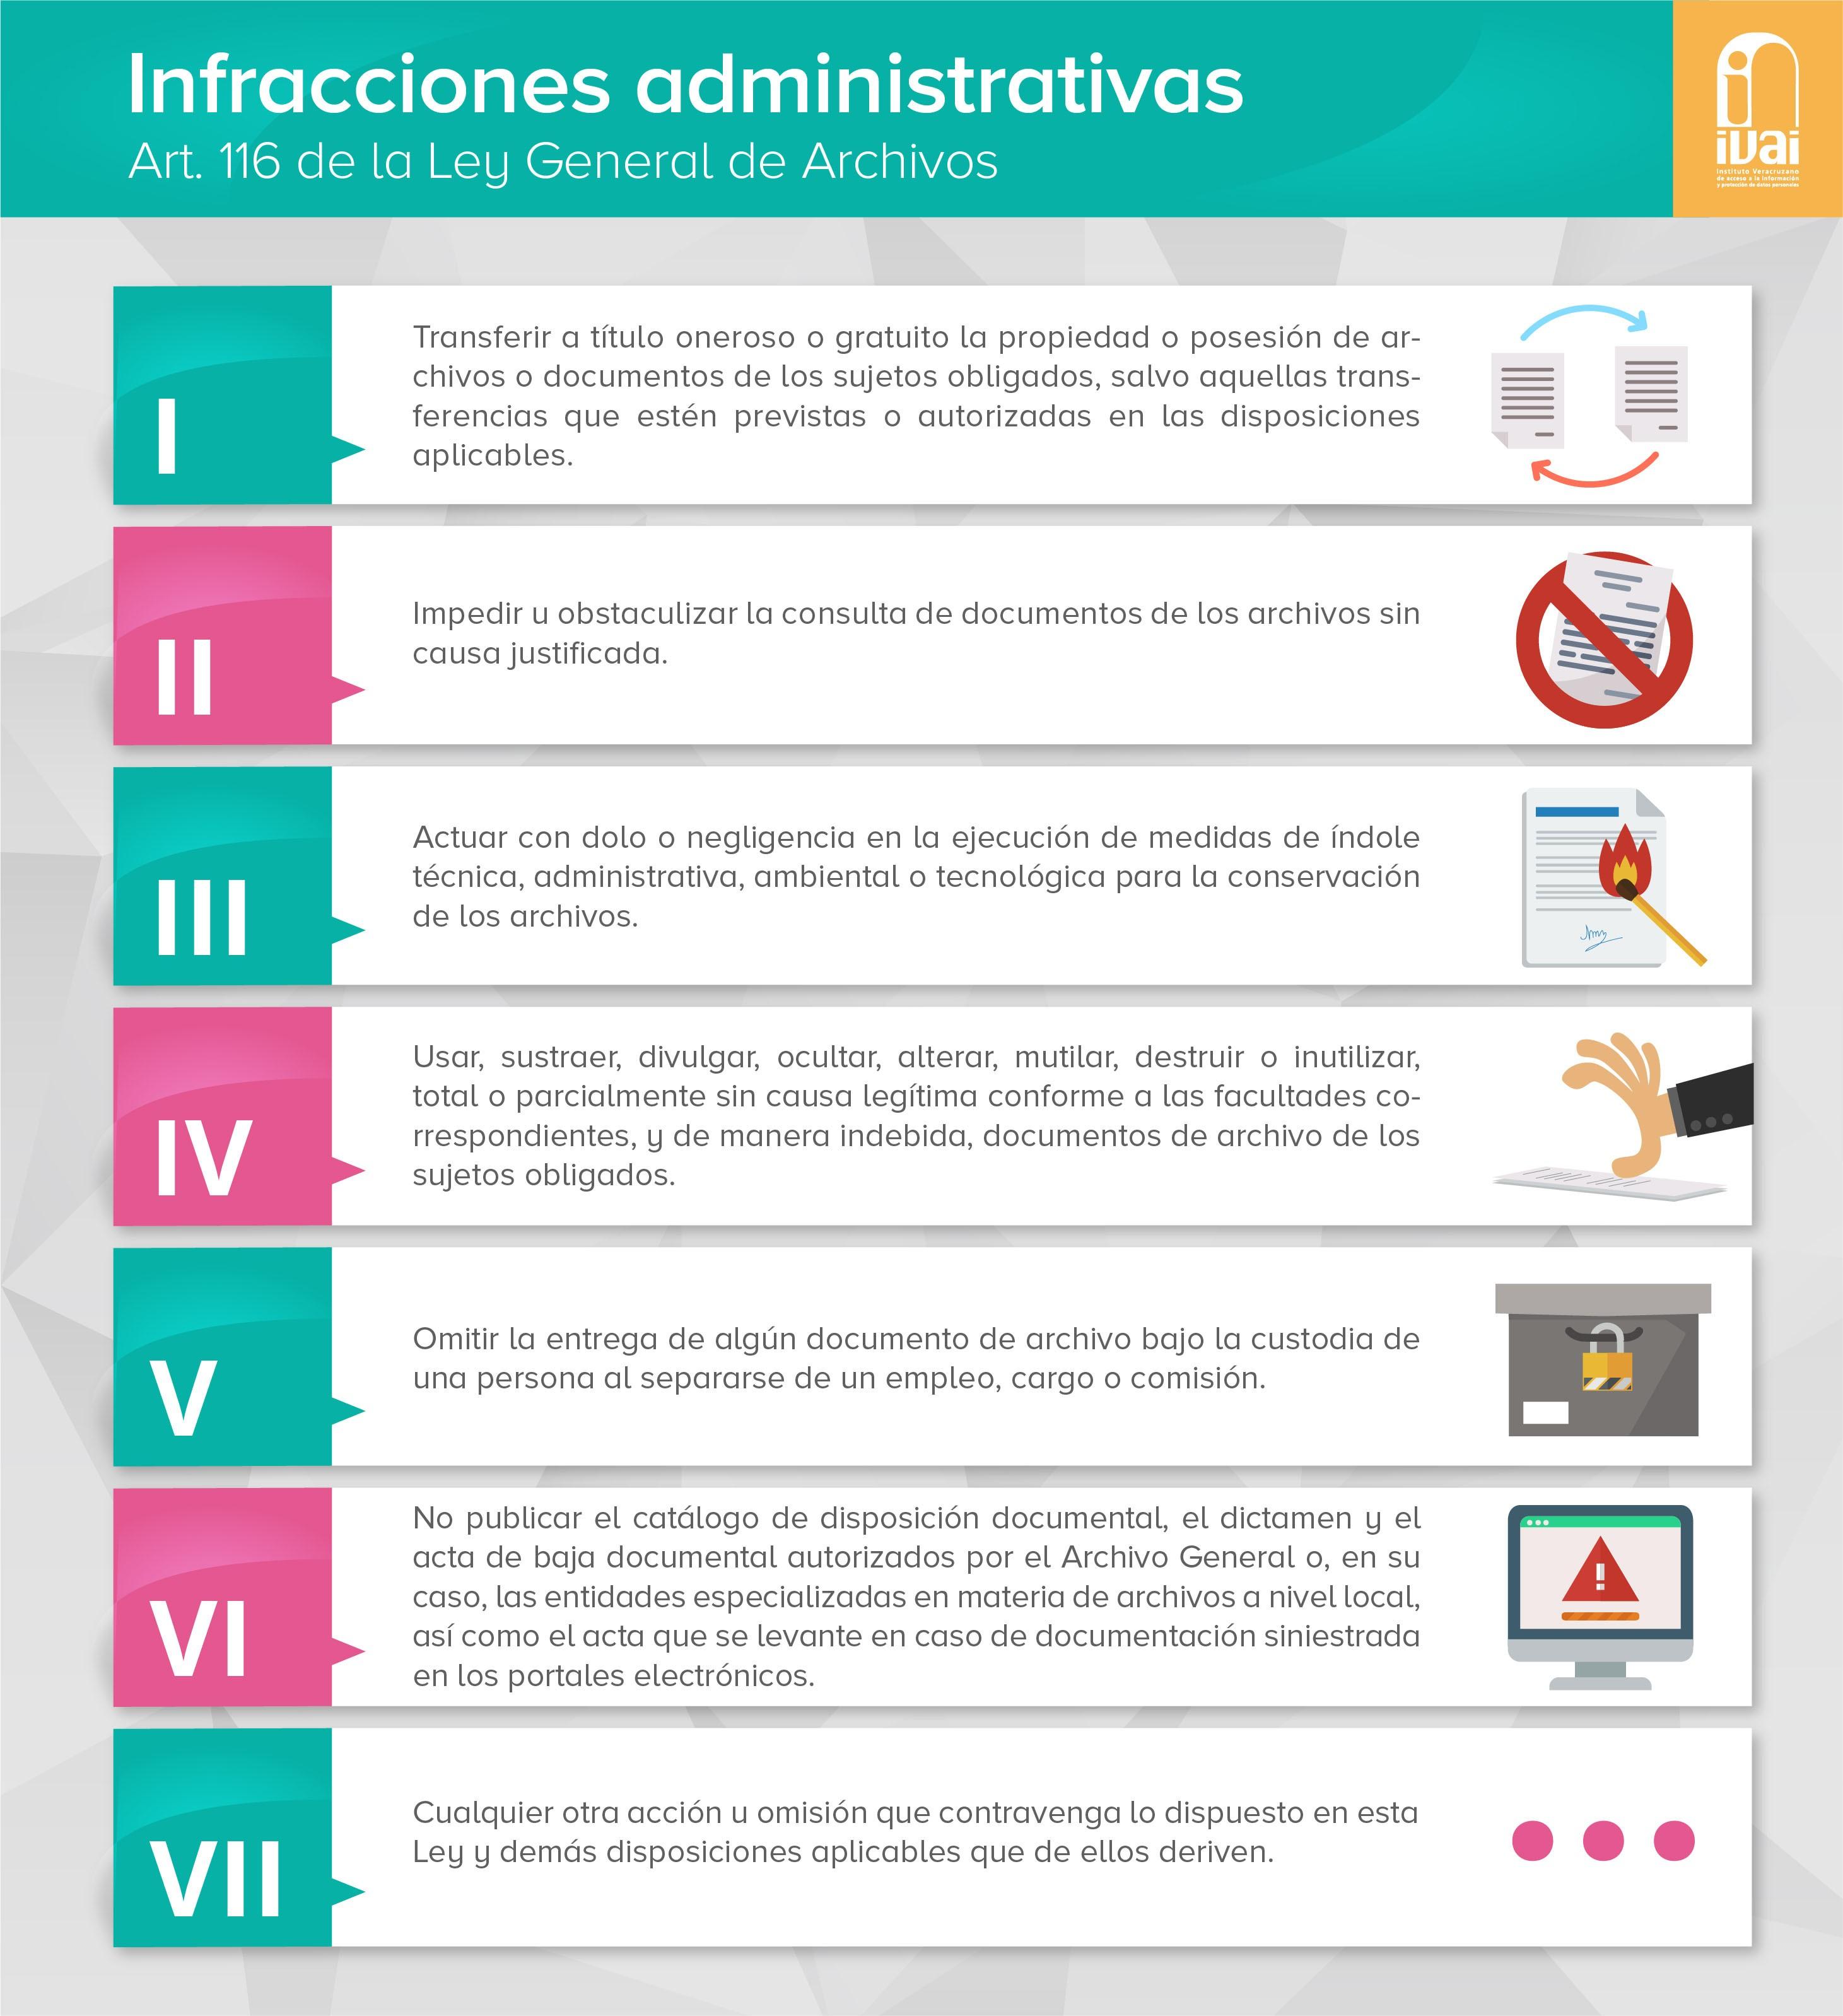 Calendario 2019 Usa Calendario De Escuela Francesa Cuenca Recientes Instituto Veracruzano De Acceso A La Informaci³n Y De Protecci³n De